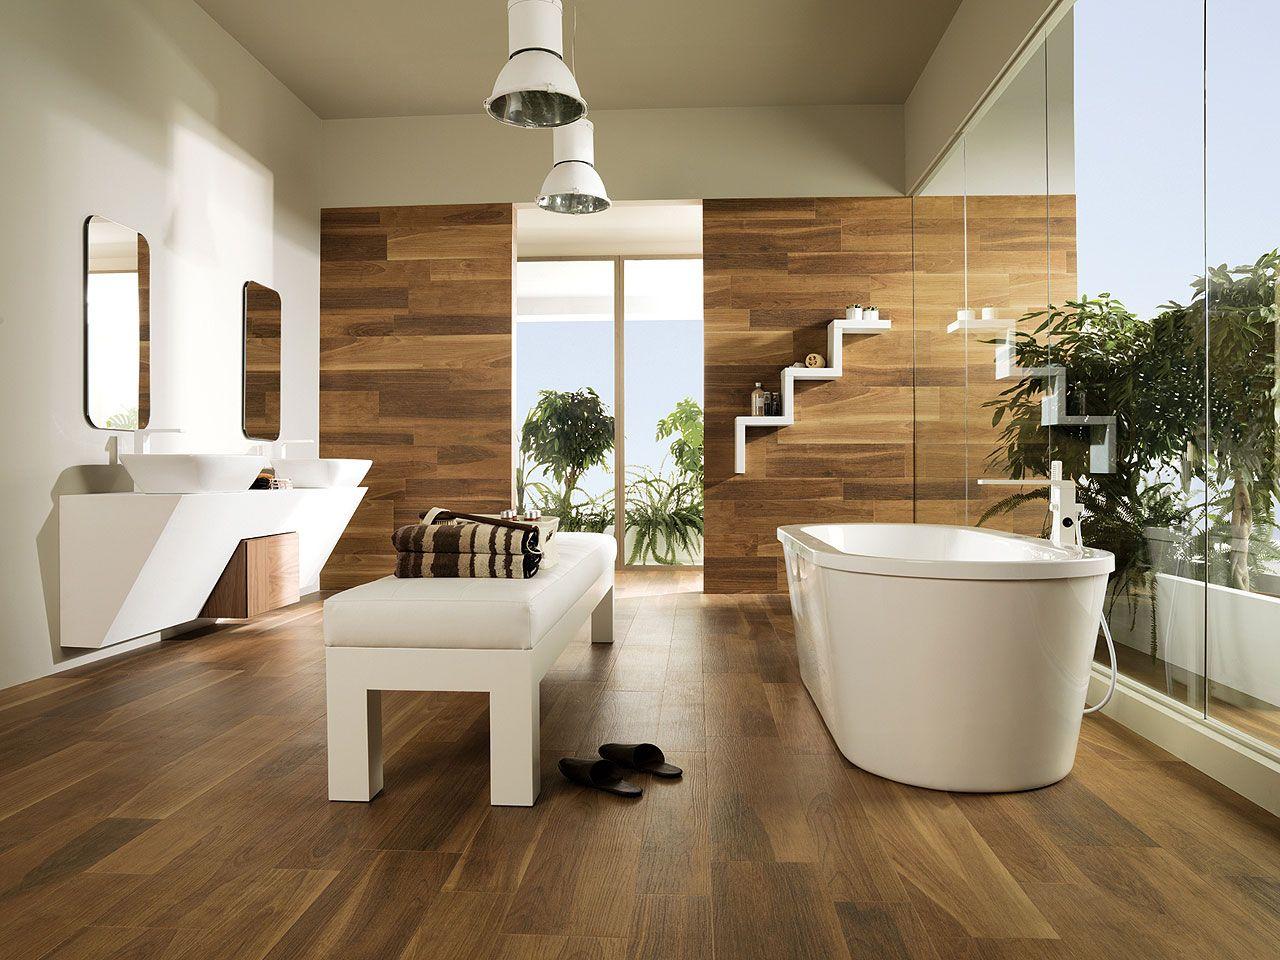 badkamerinspiratie keramisch parket badkamer inspiratie